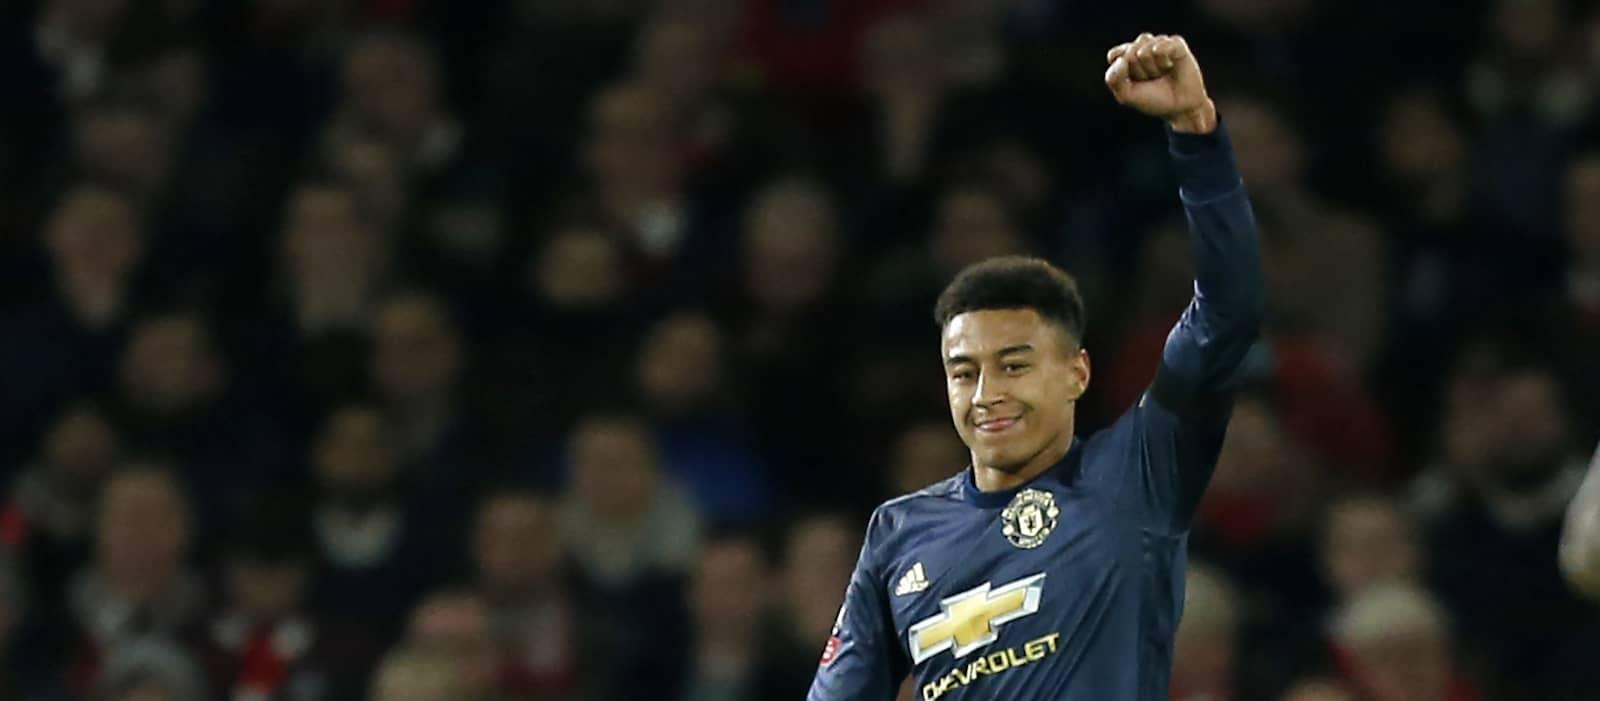 Jesse Lingard: Ole Gunnar Solskjaer has changed Manchester United's mindset